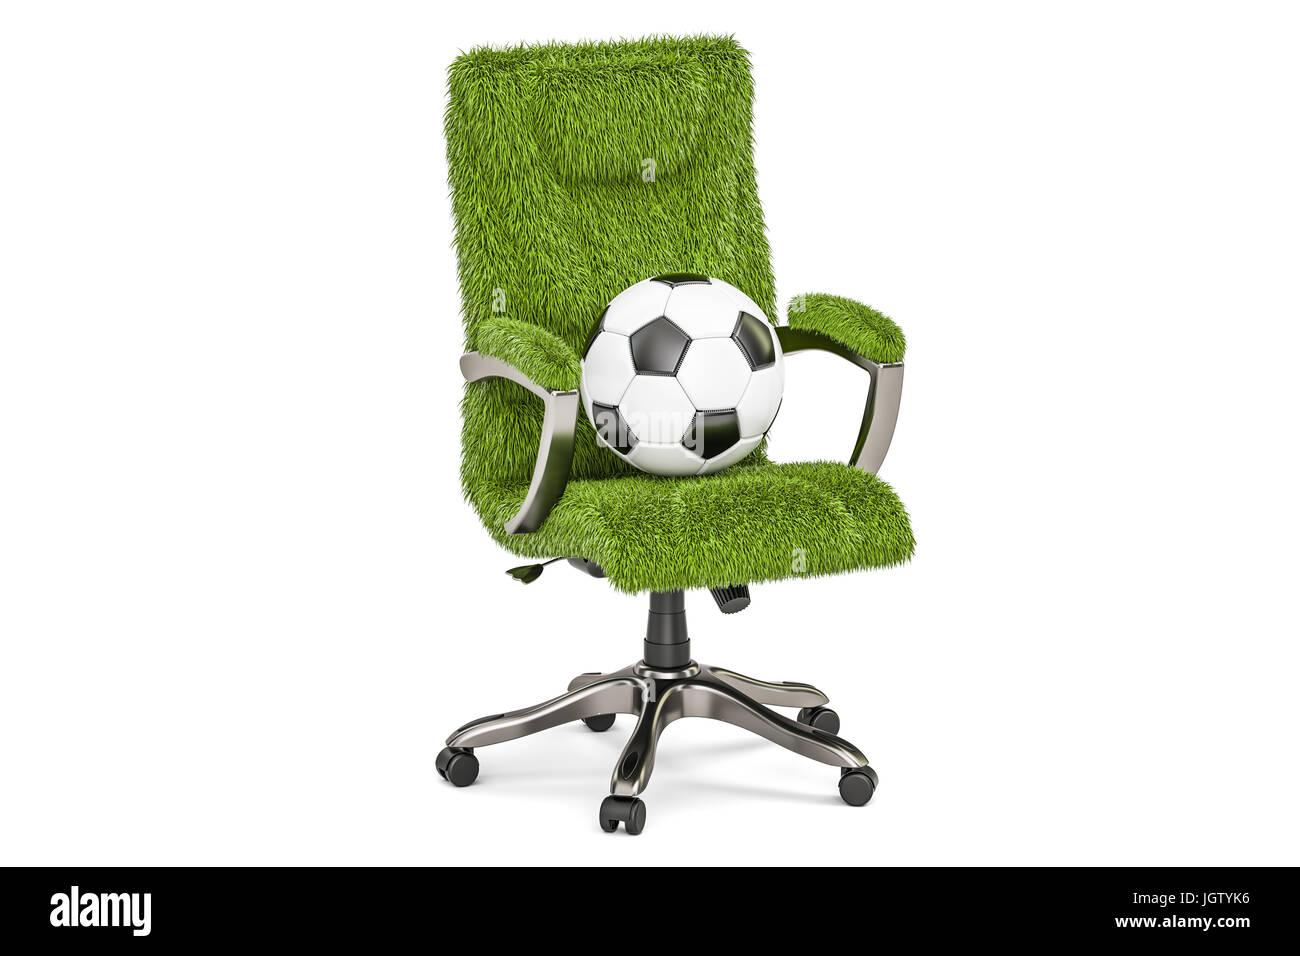 Grassy silla de oficina con una pelota de futbol concepto rendering aislado  sobre fondo blanco jgtyk 115c8f9fa40f